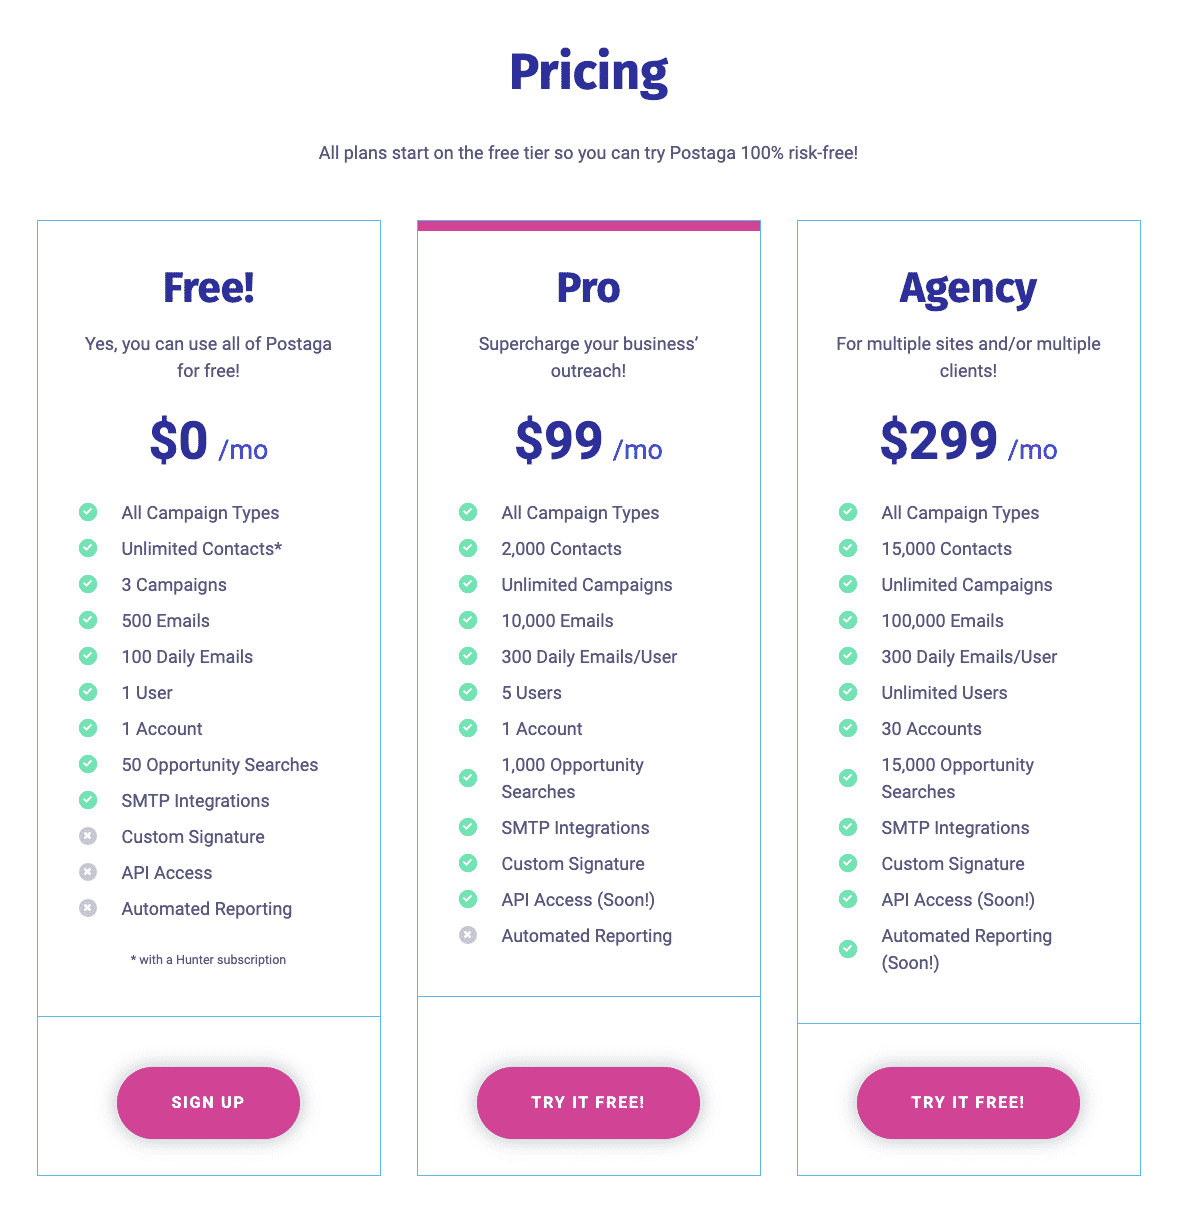 Postaga pricing